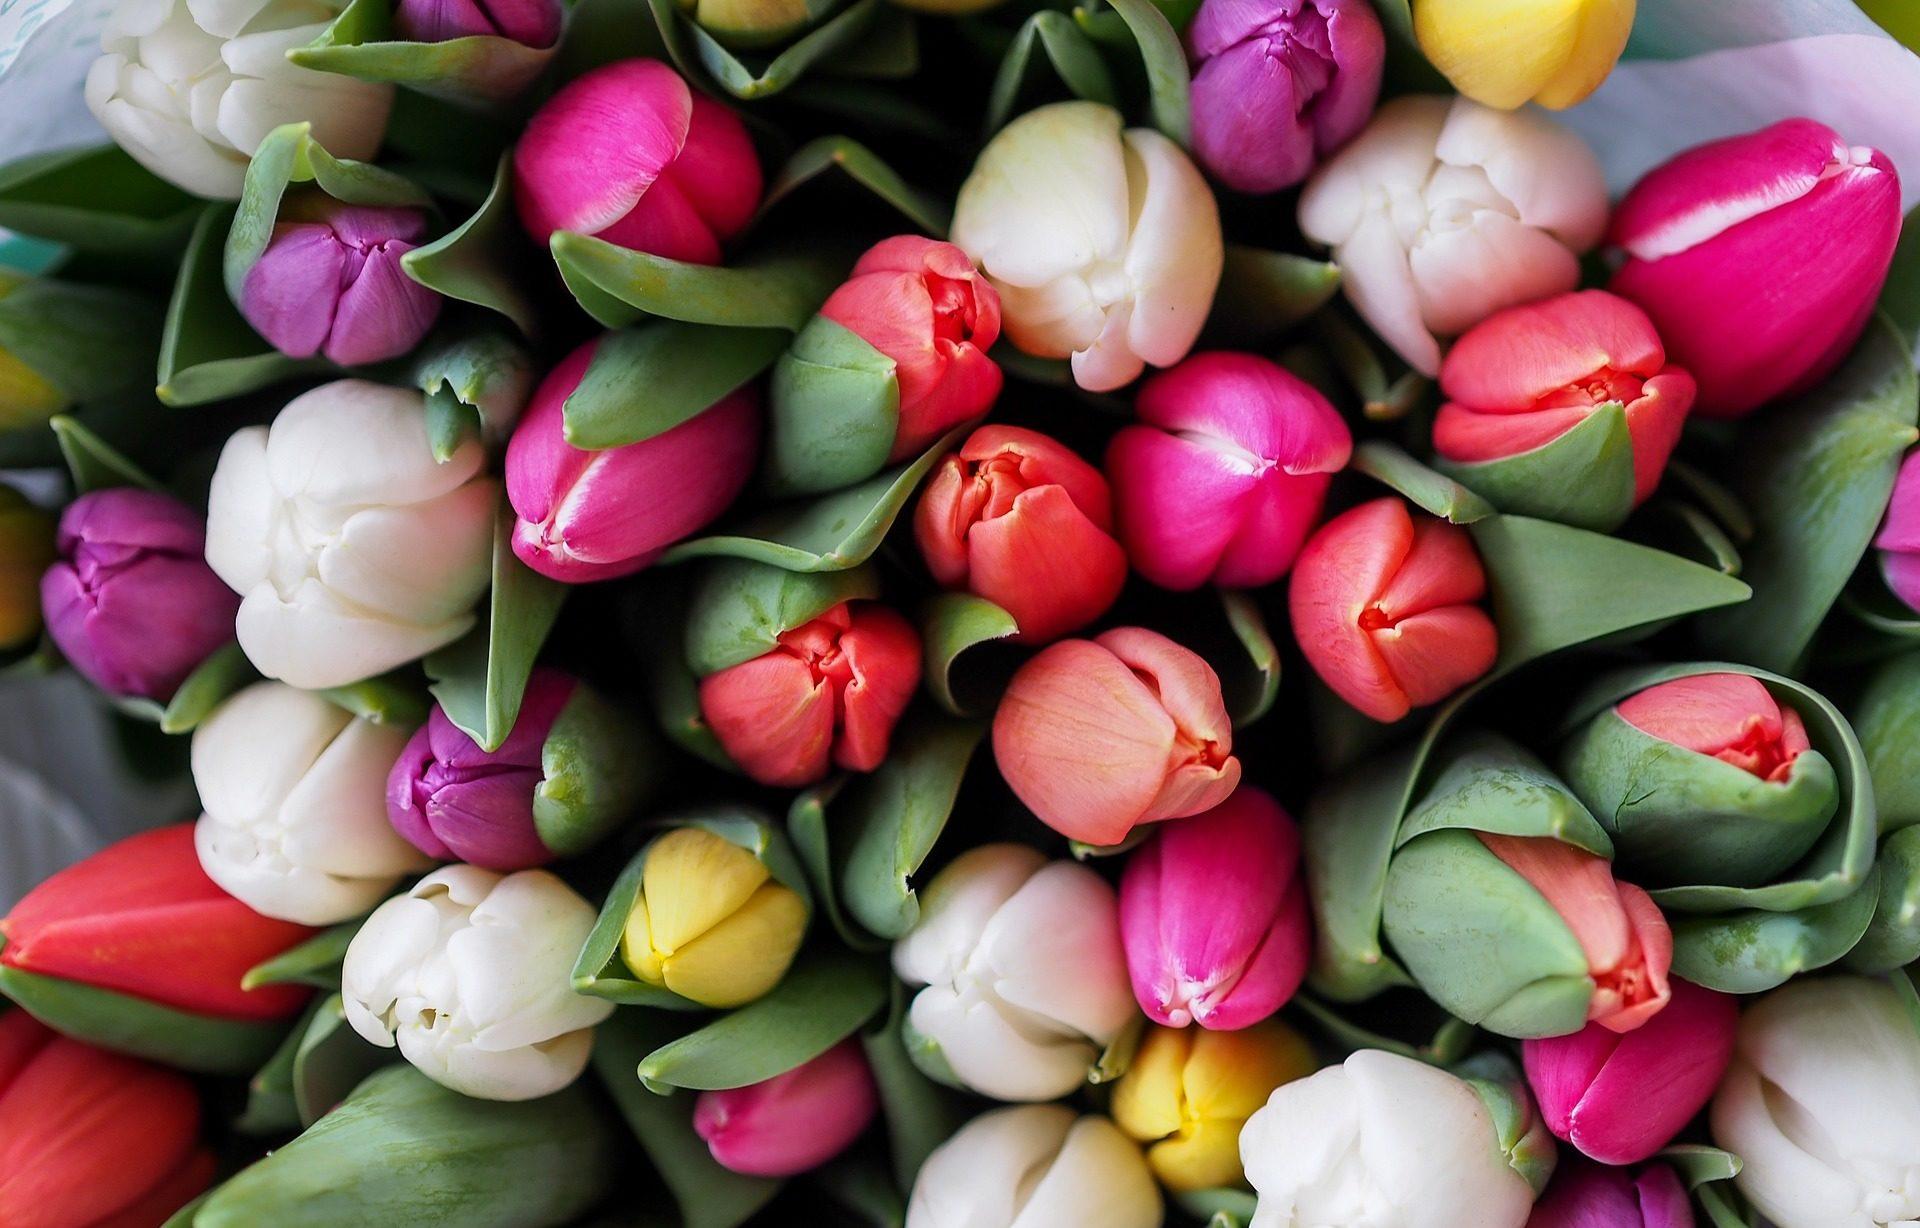 Fleurs : comment concilier Fête des mères et respect de l'environnement ?